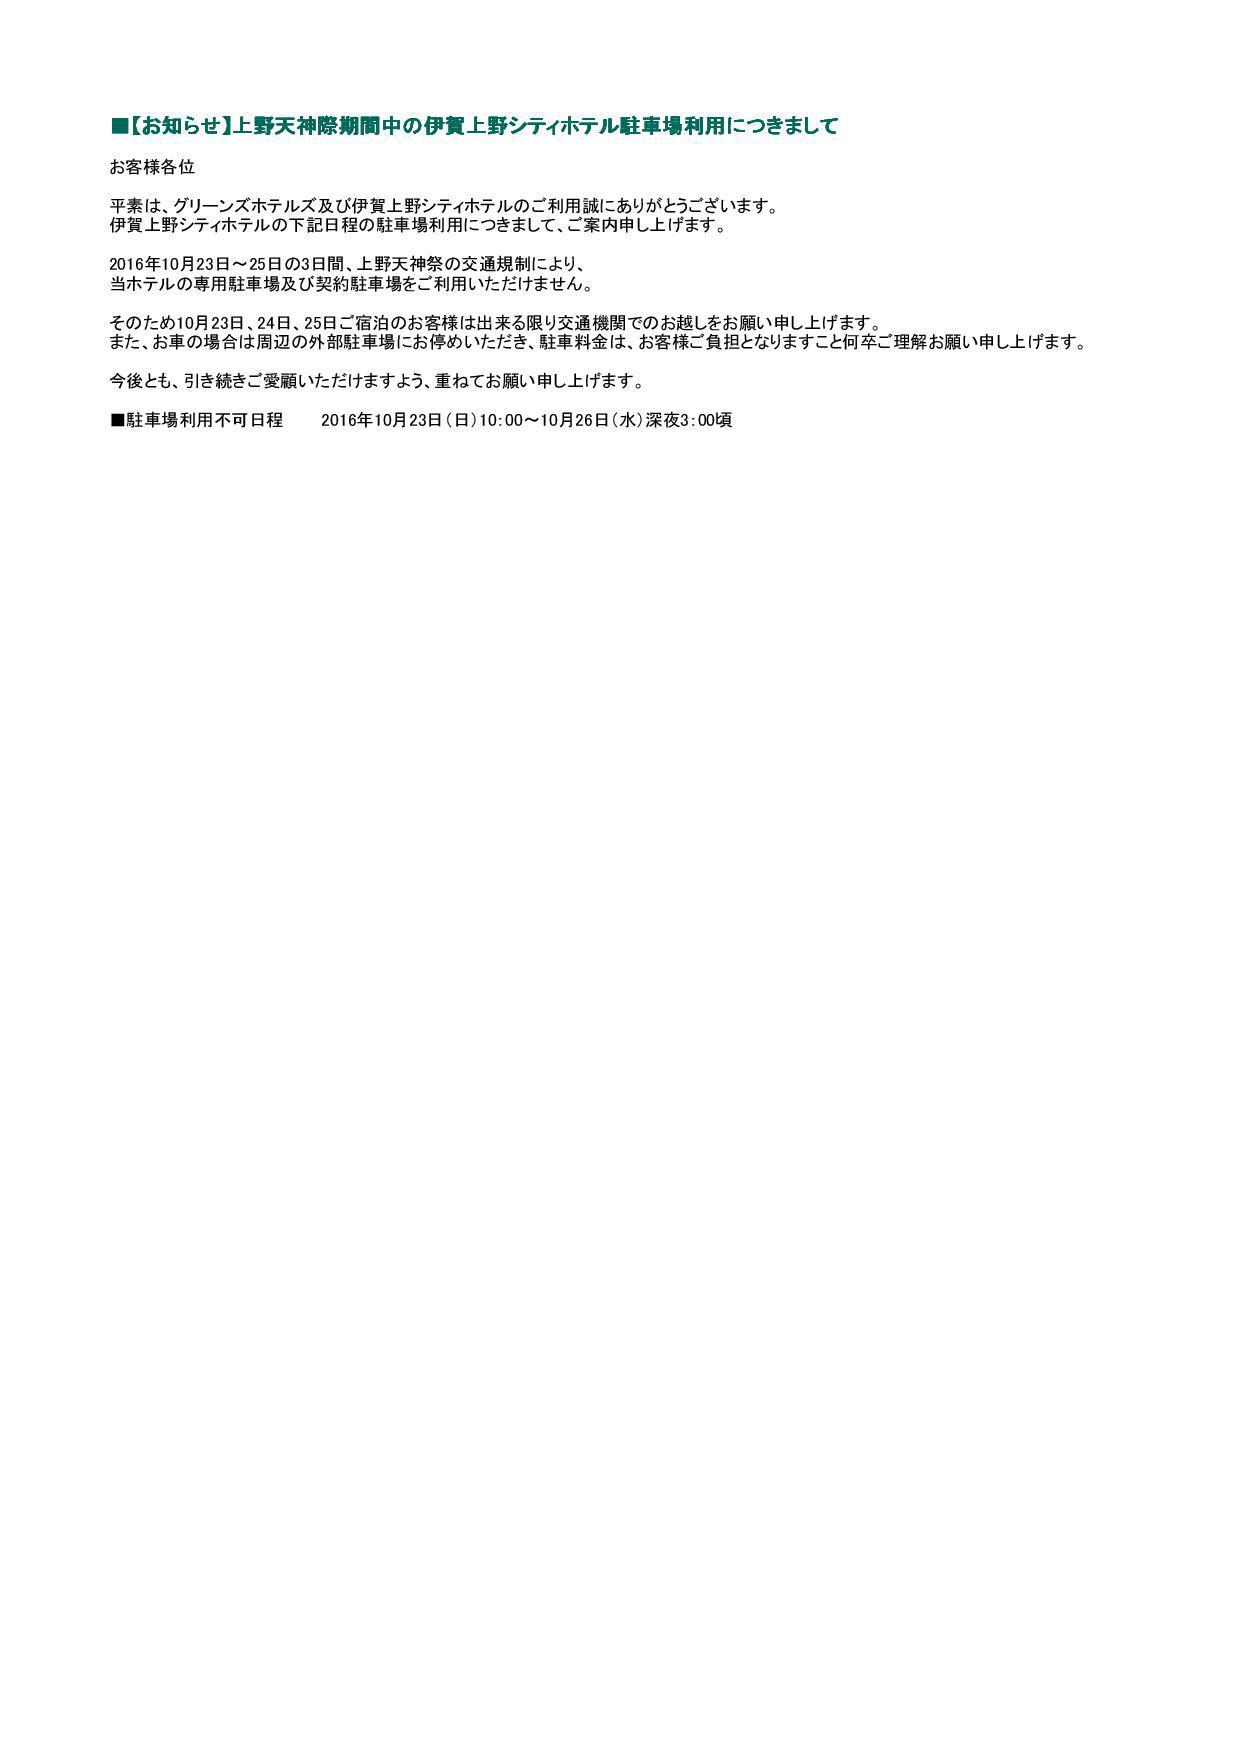 上野シティホテルのお知らせ